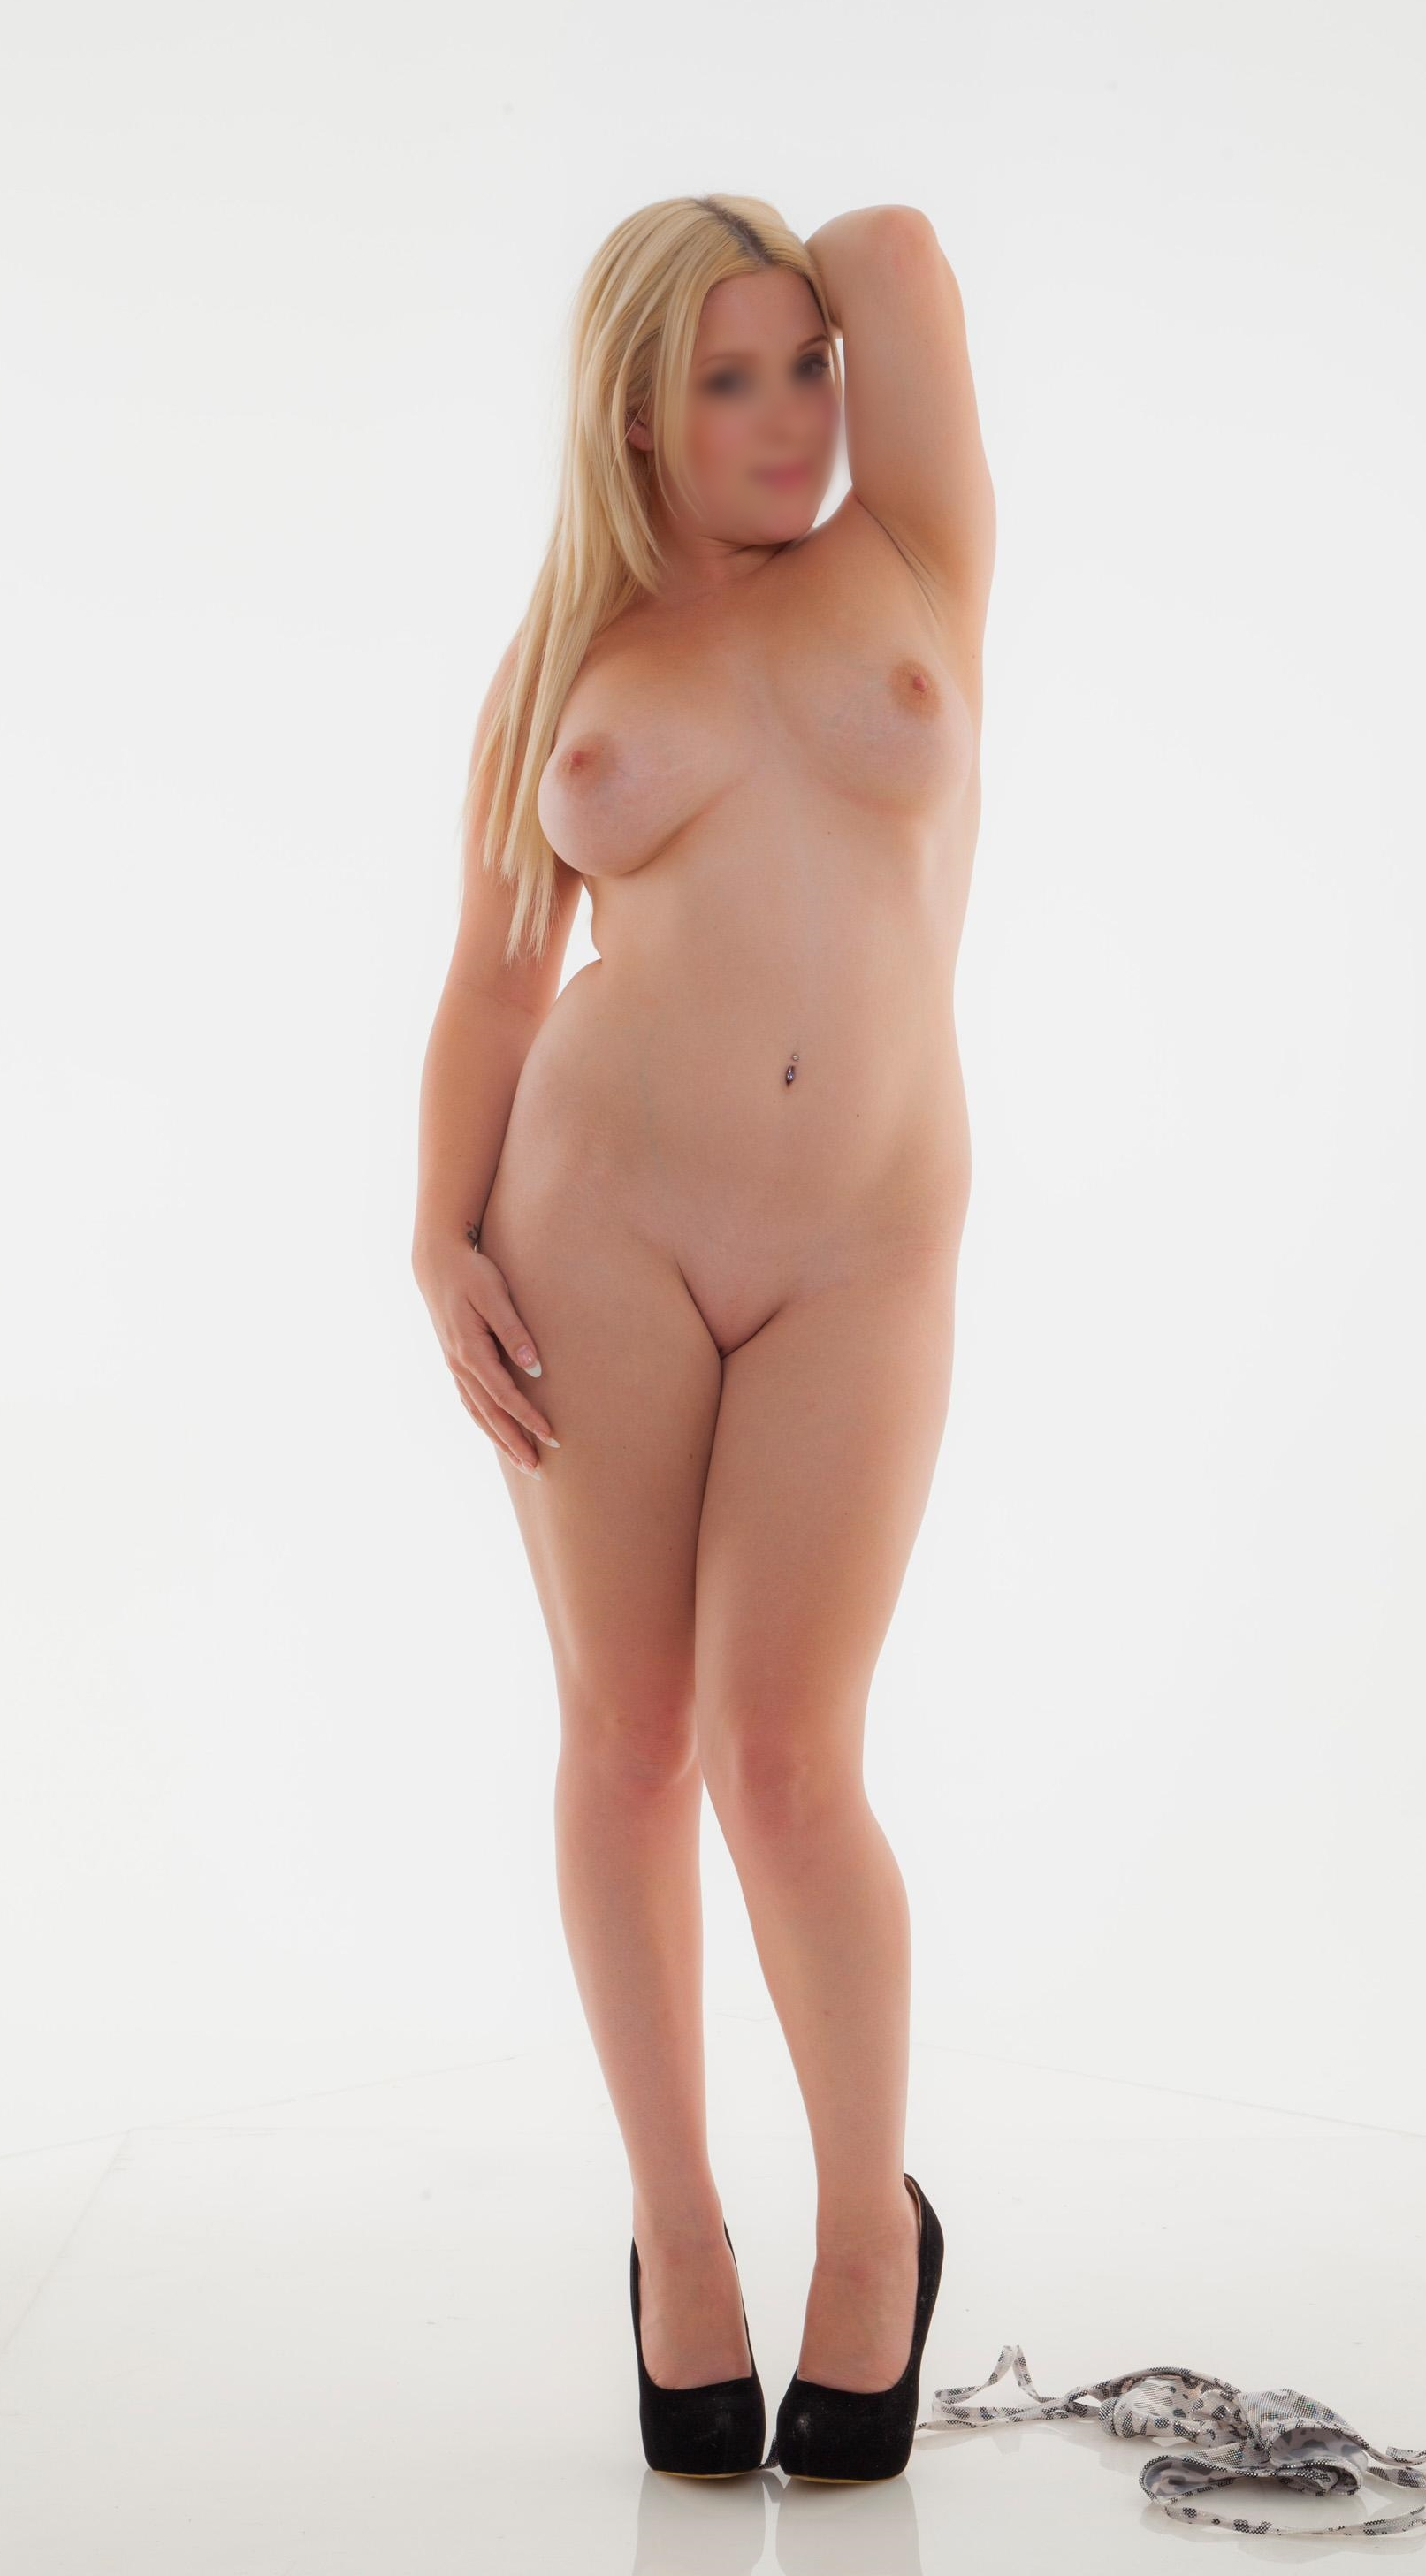 barcelona escort girl